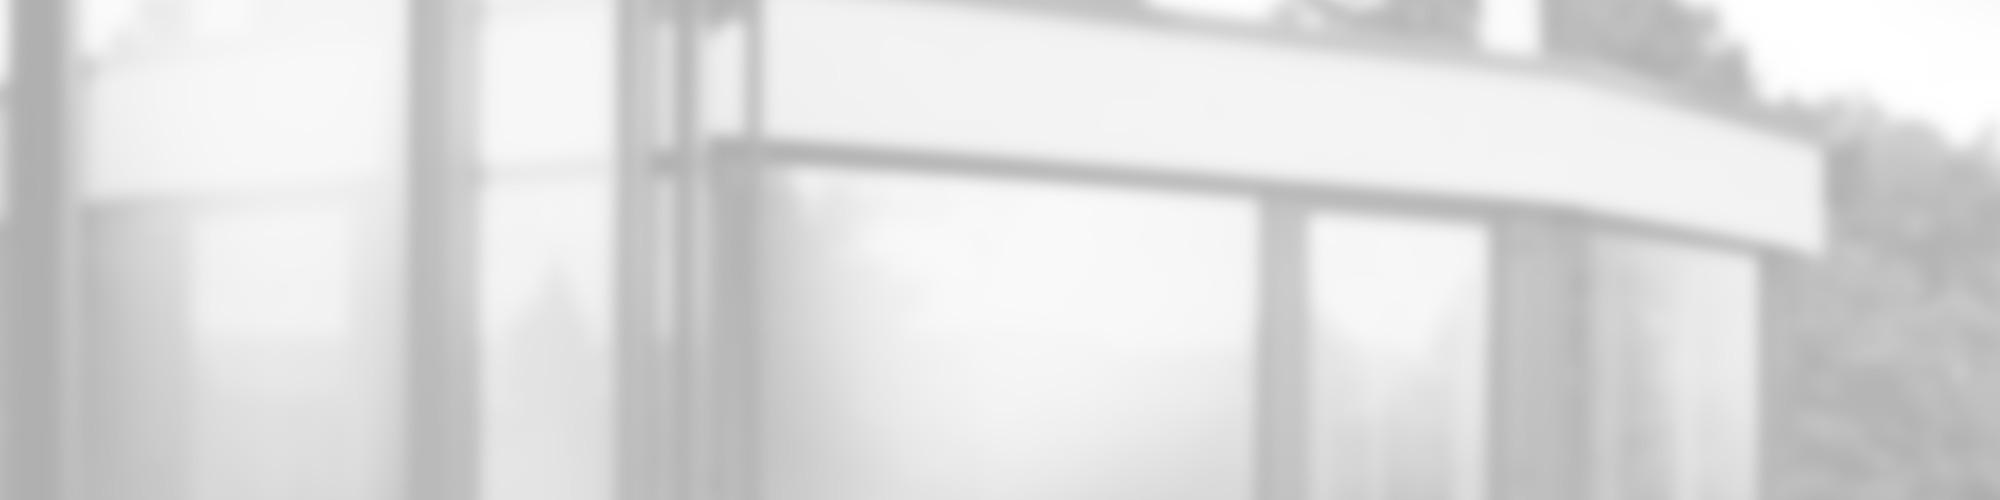 Full Size of Kunststoff Fenster Jalousie Innen De Insektenschutz Drutex Bauhaus Aco Plissee Verdunkeln Rolladen Nachträglich Einbauen Flachdach Einbruchschutz Ohne Bohren Fenster Kunststoff Fenster